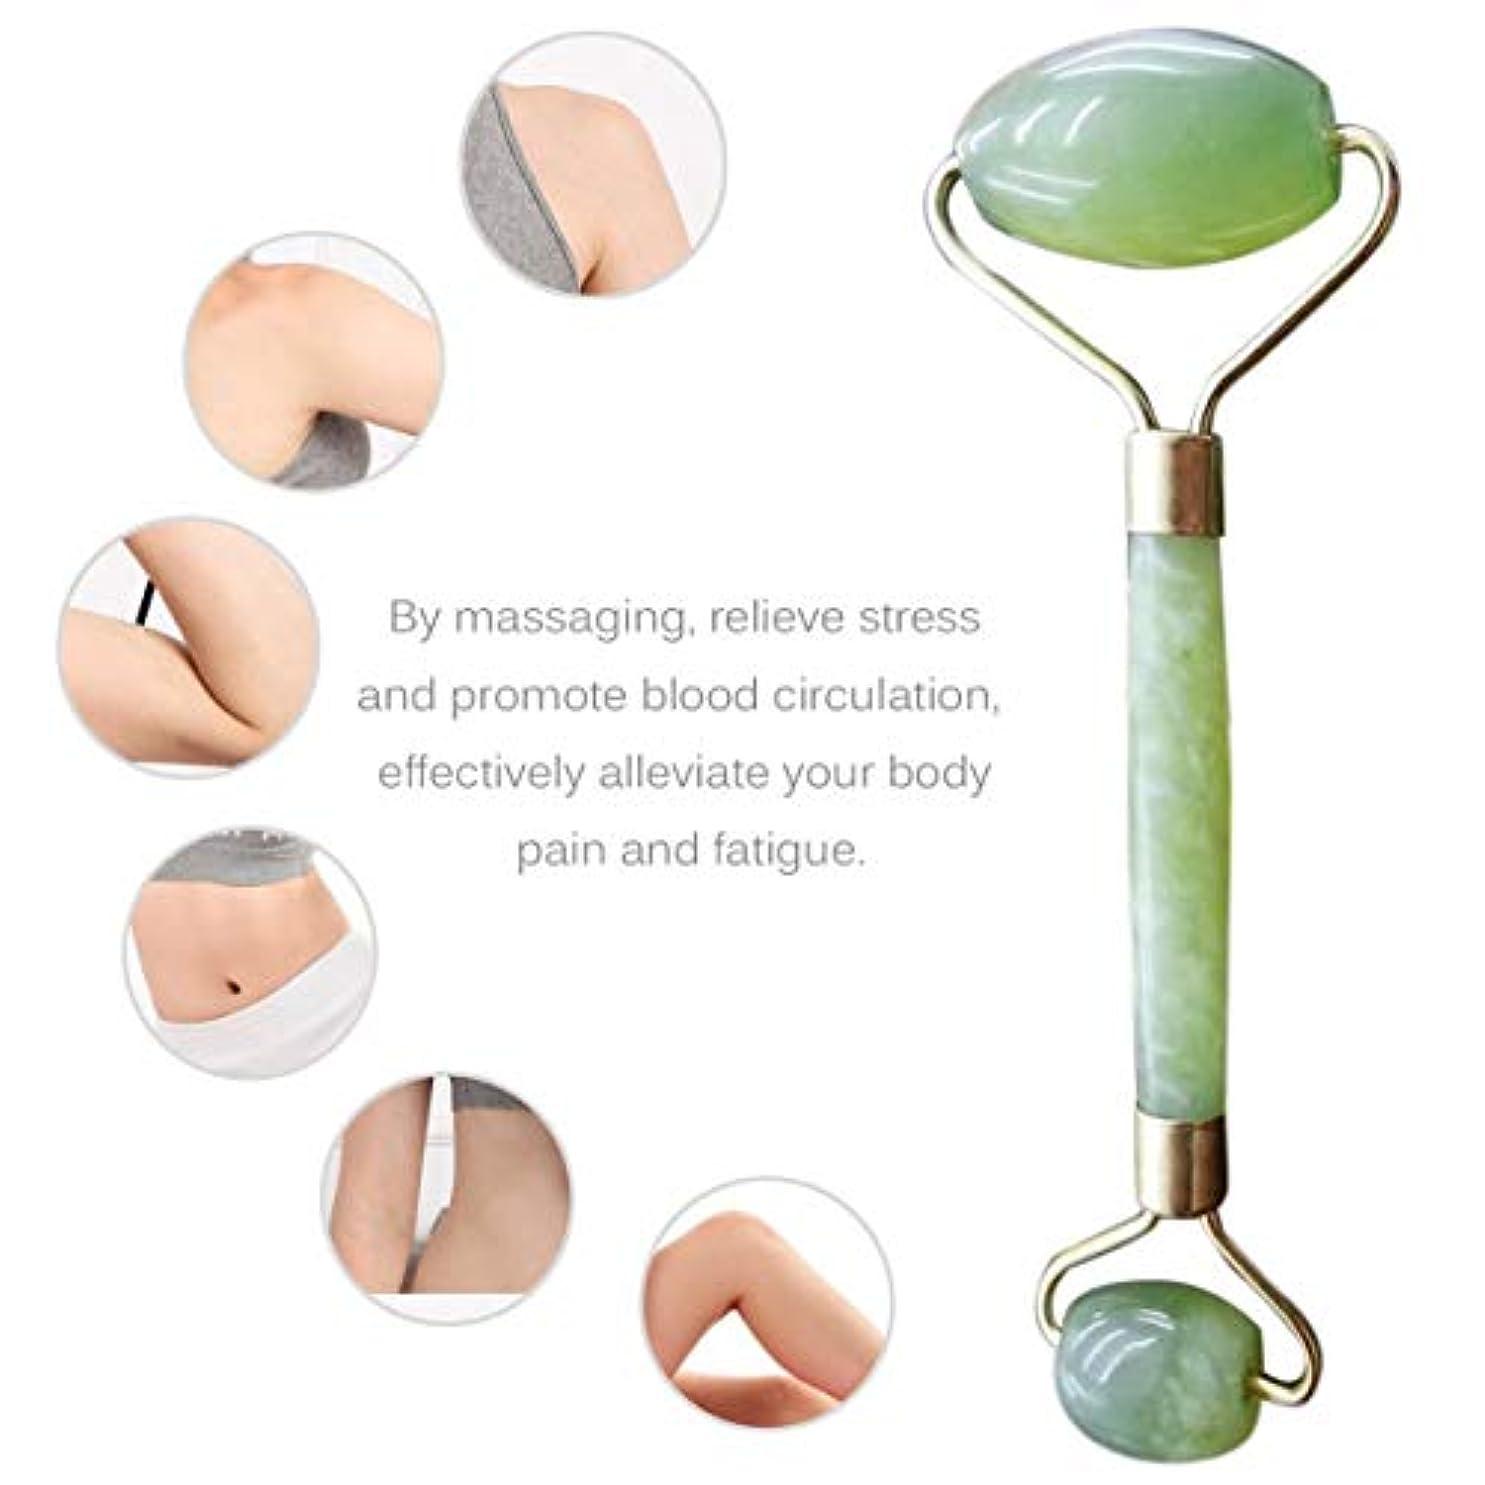 擁する蛾ティッシュDouble Heads Natural Jade Face Care Massager Handheld Anti Wrinkle Healthy Face Body Foot Massage Tools Best Gift